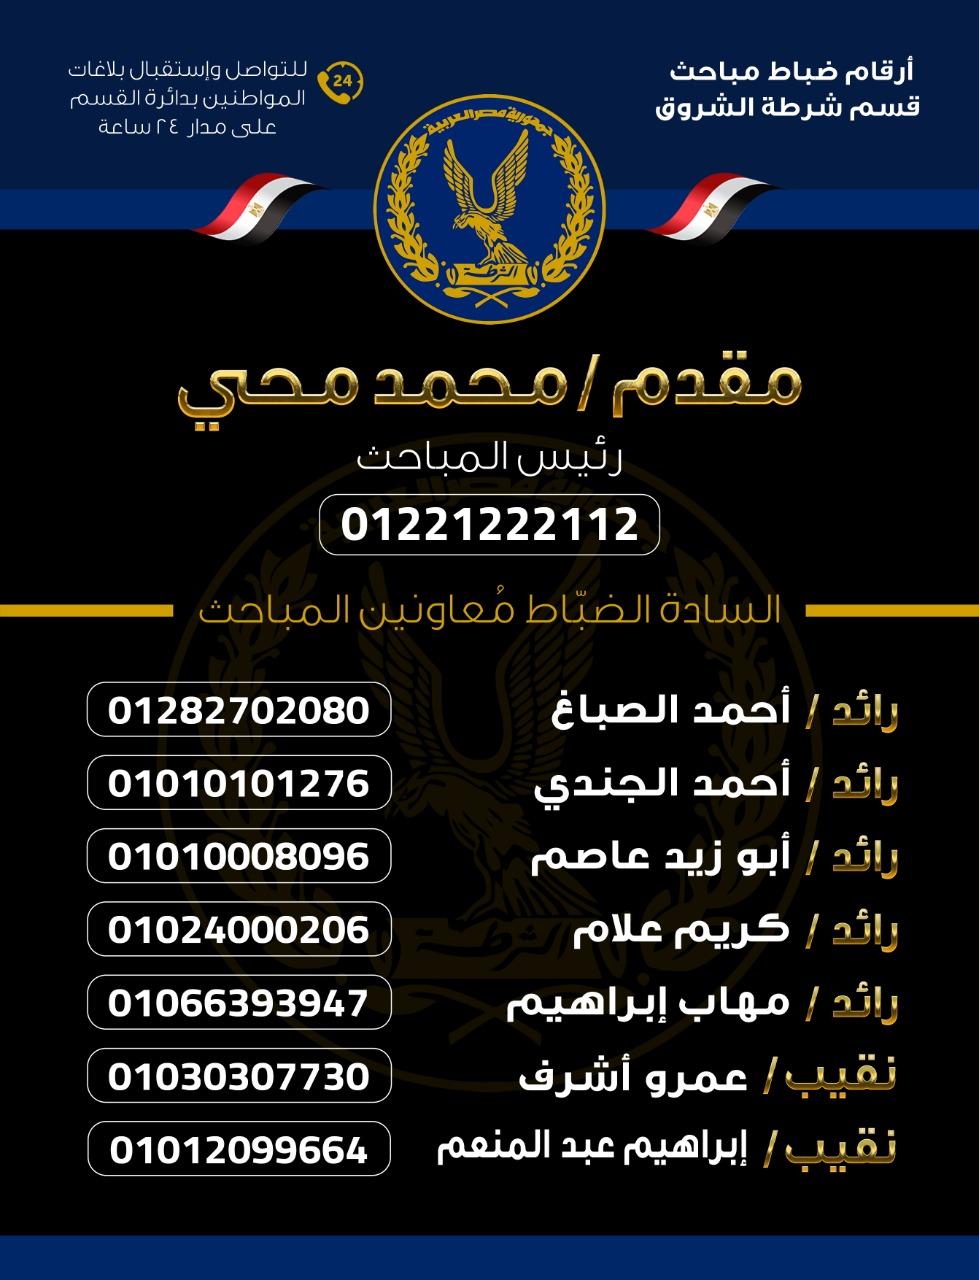 أرقام وحدة مباحث قسم شرطة مدينة الشروق